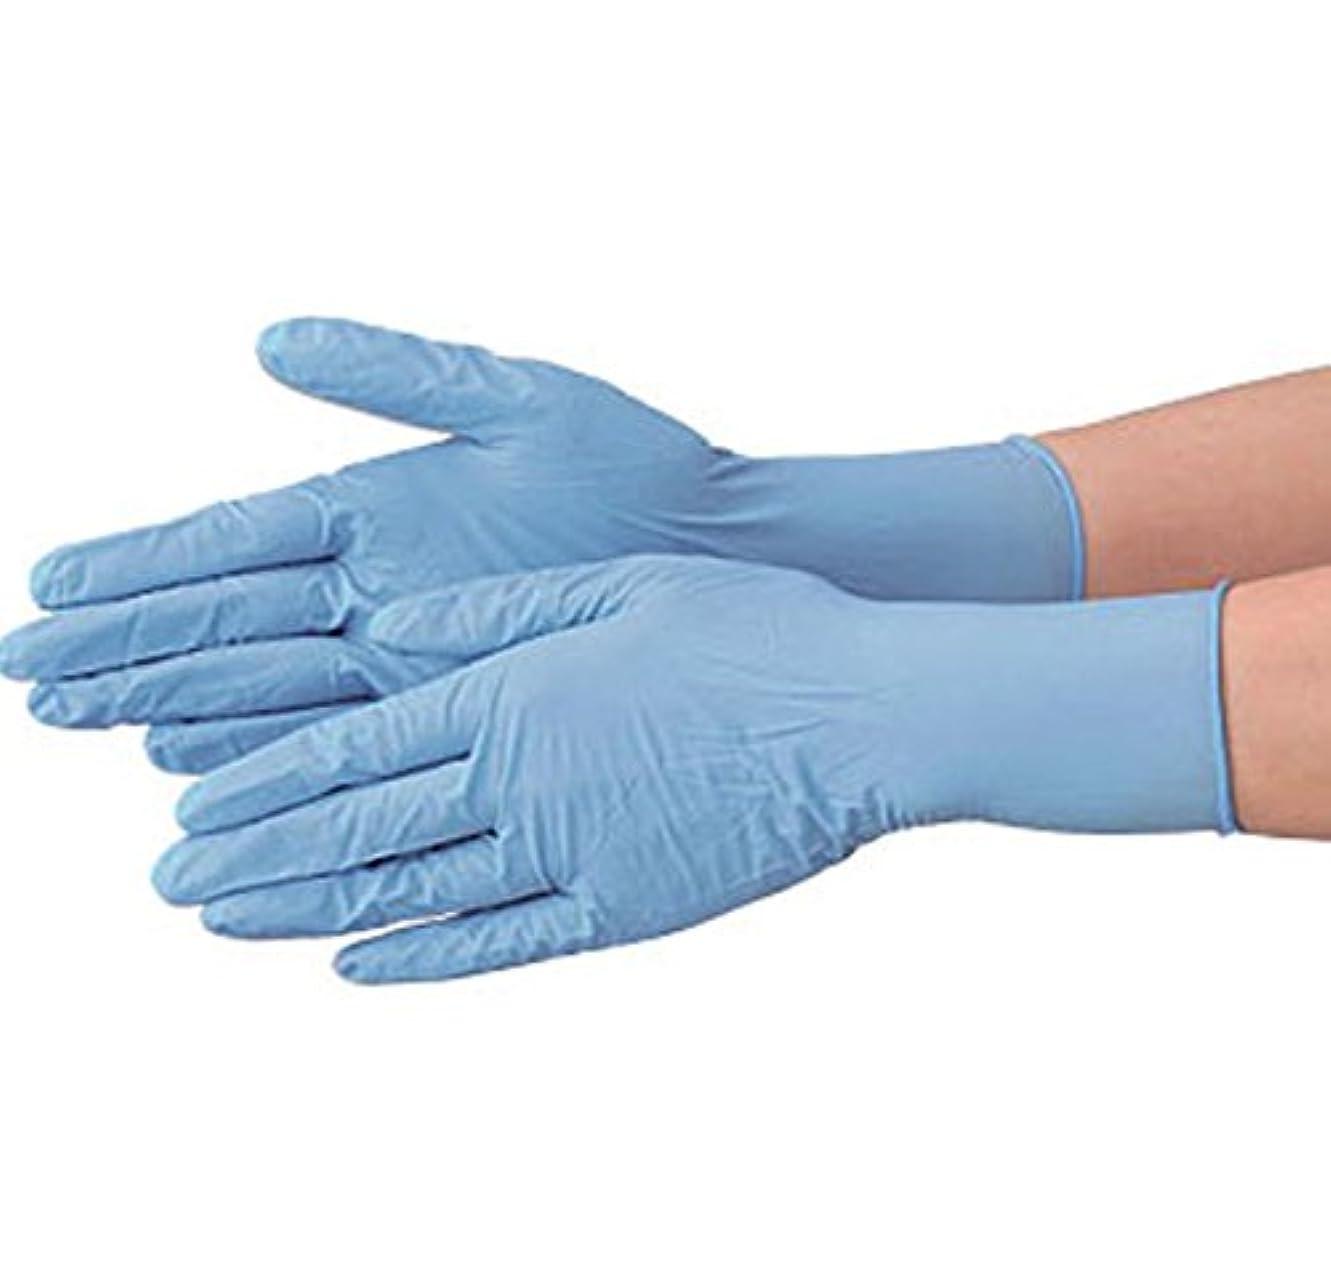 カップルダイアクリティカル祝福使い捨て 手袋 エブノ 514 ニトリル極薄手袋 ブルー Sサイズ 2ケース(100枚×40箱)